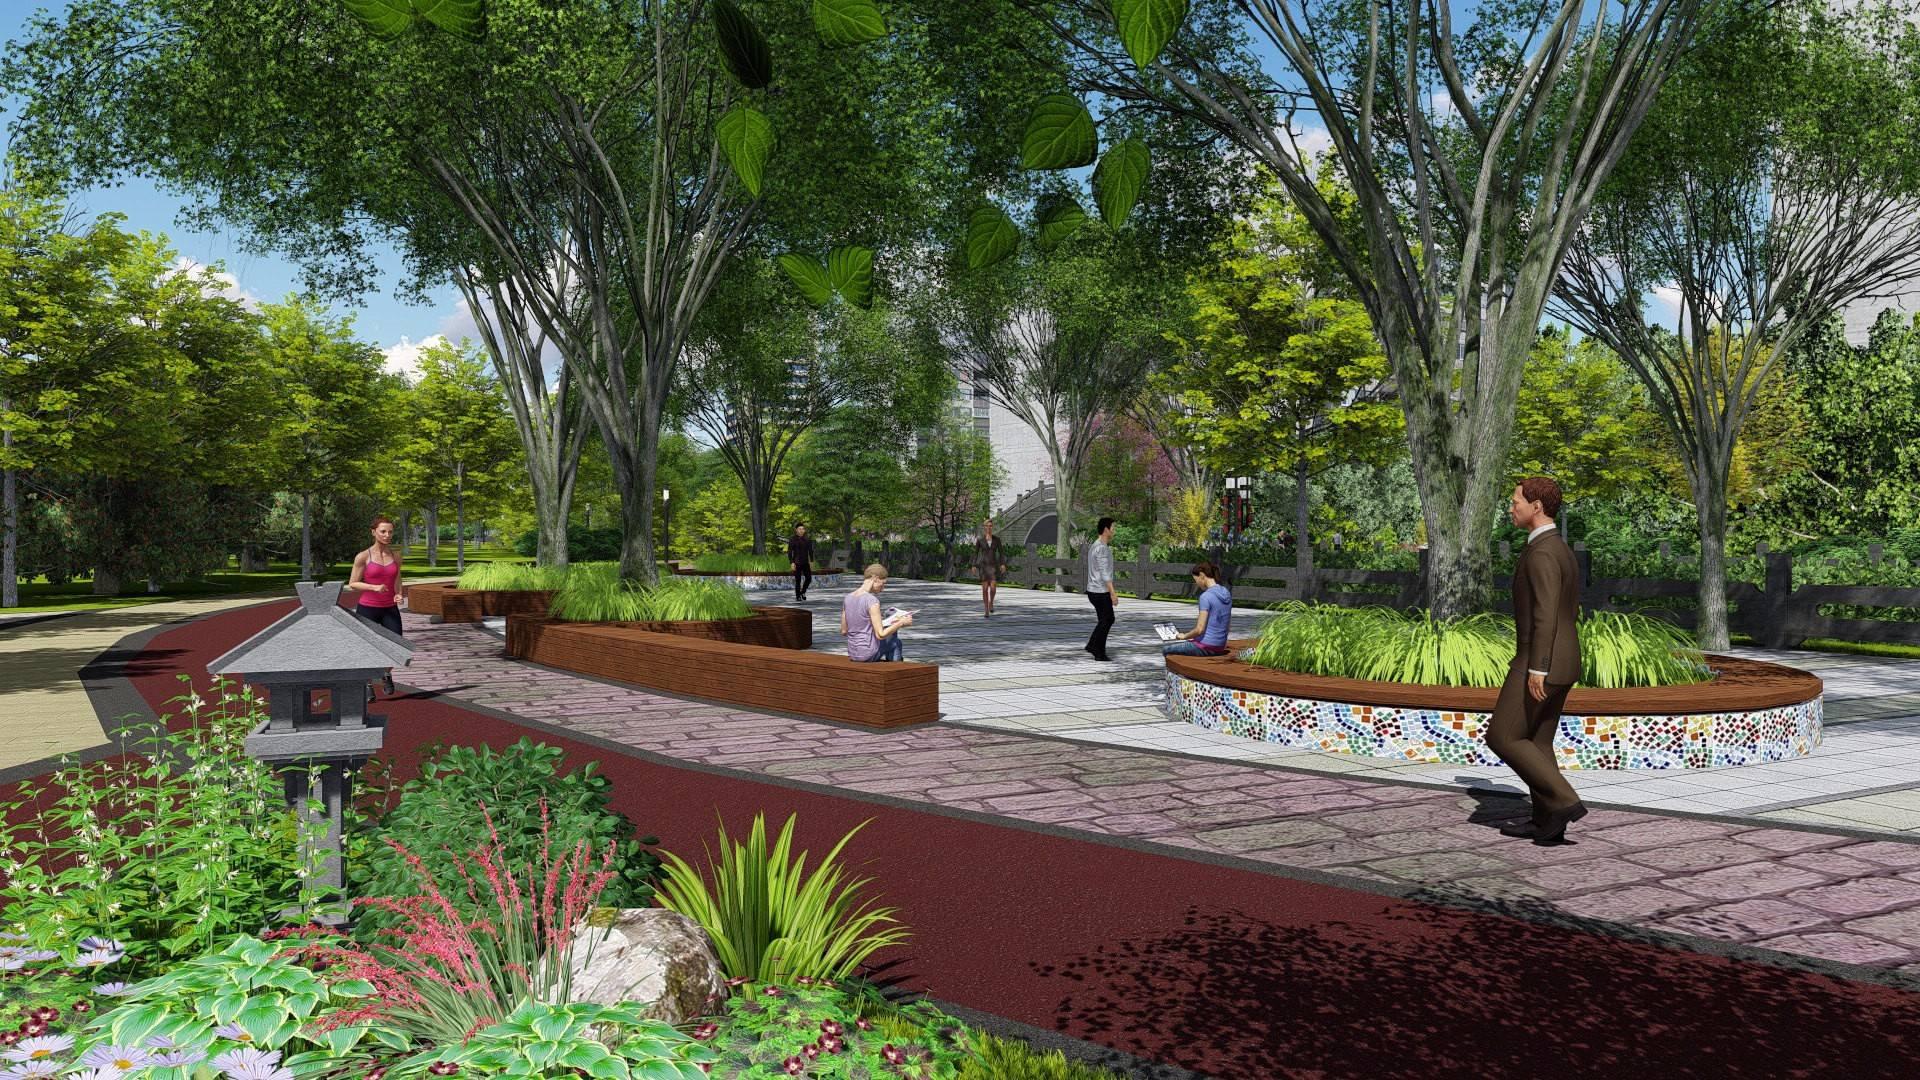 义蓬小城镇环境综合整治建设工程项目